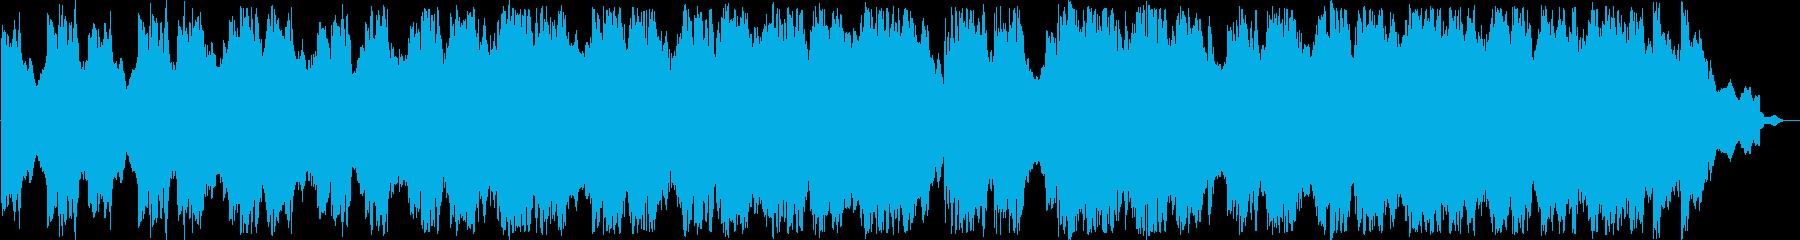 繊細で力強いシンセピアノサウンドの再生済みの波形